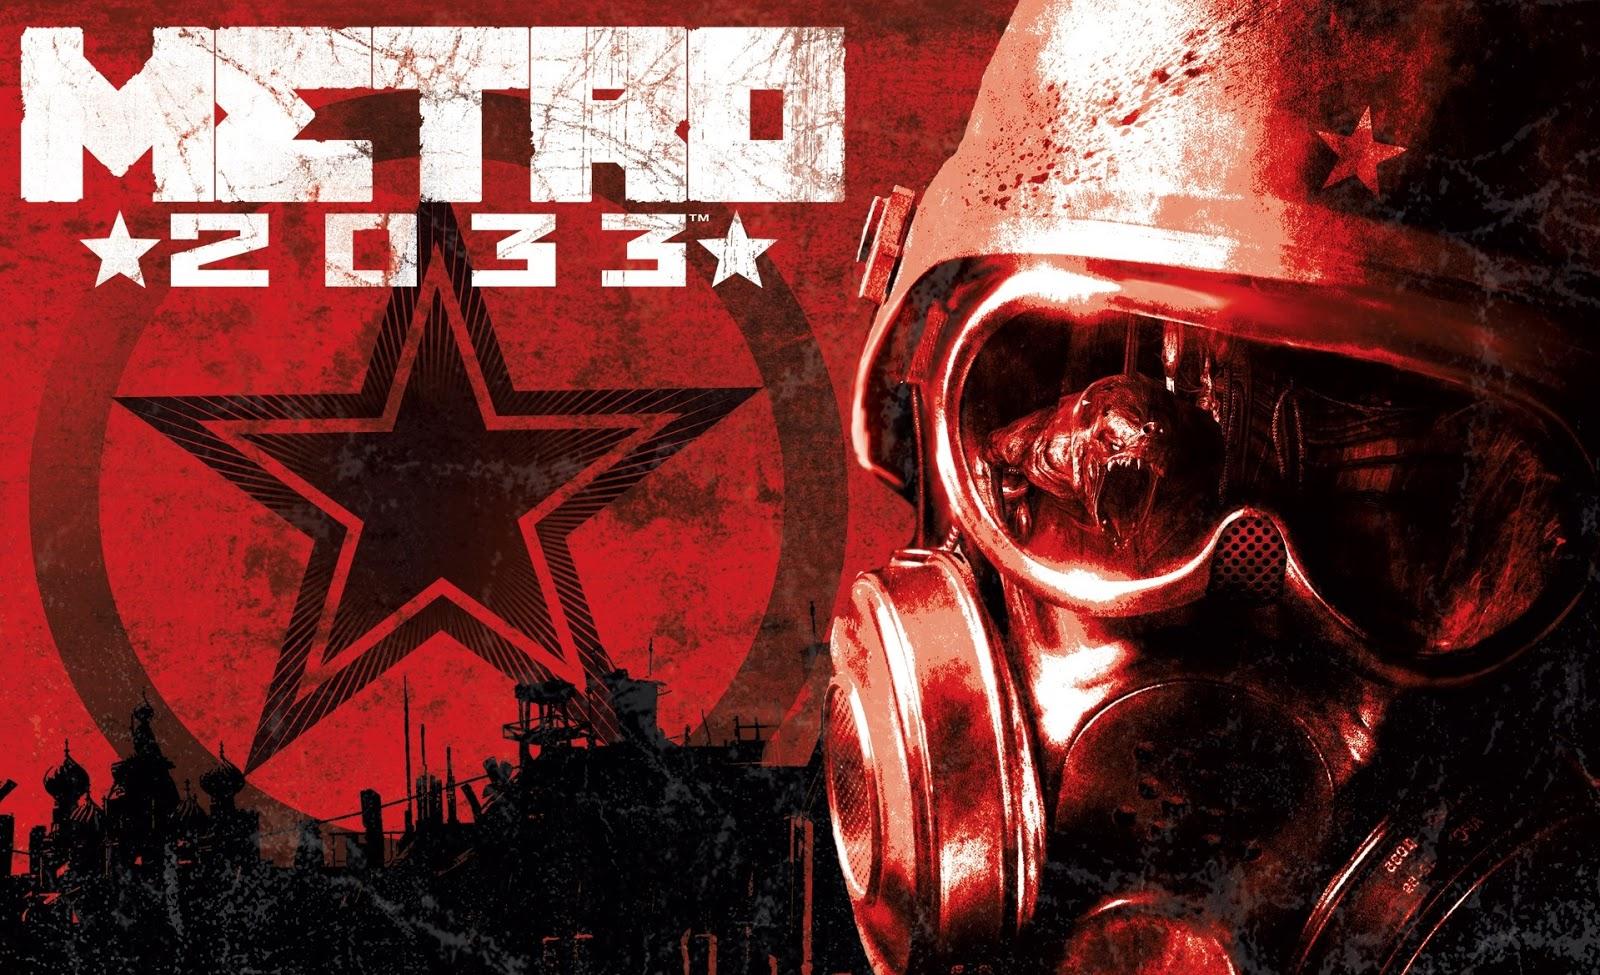 Descarga gratis Metro 2033 por tiempo limitado durante solo 24 horas